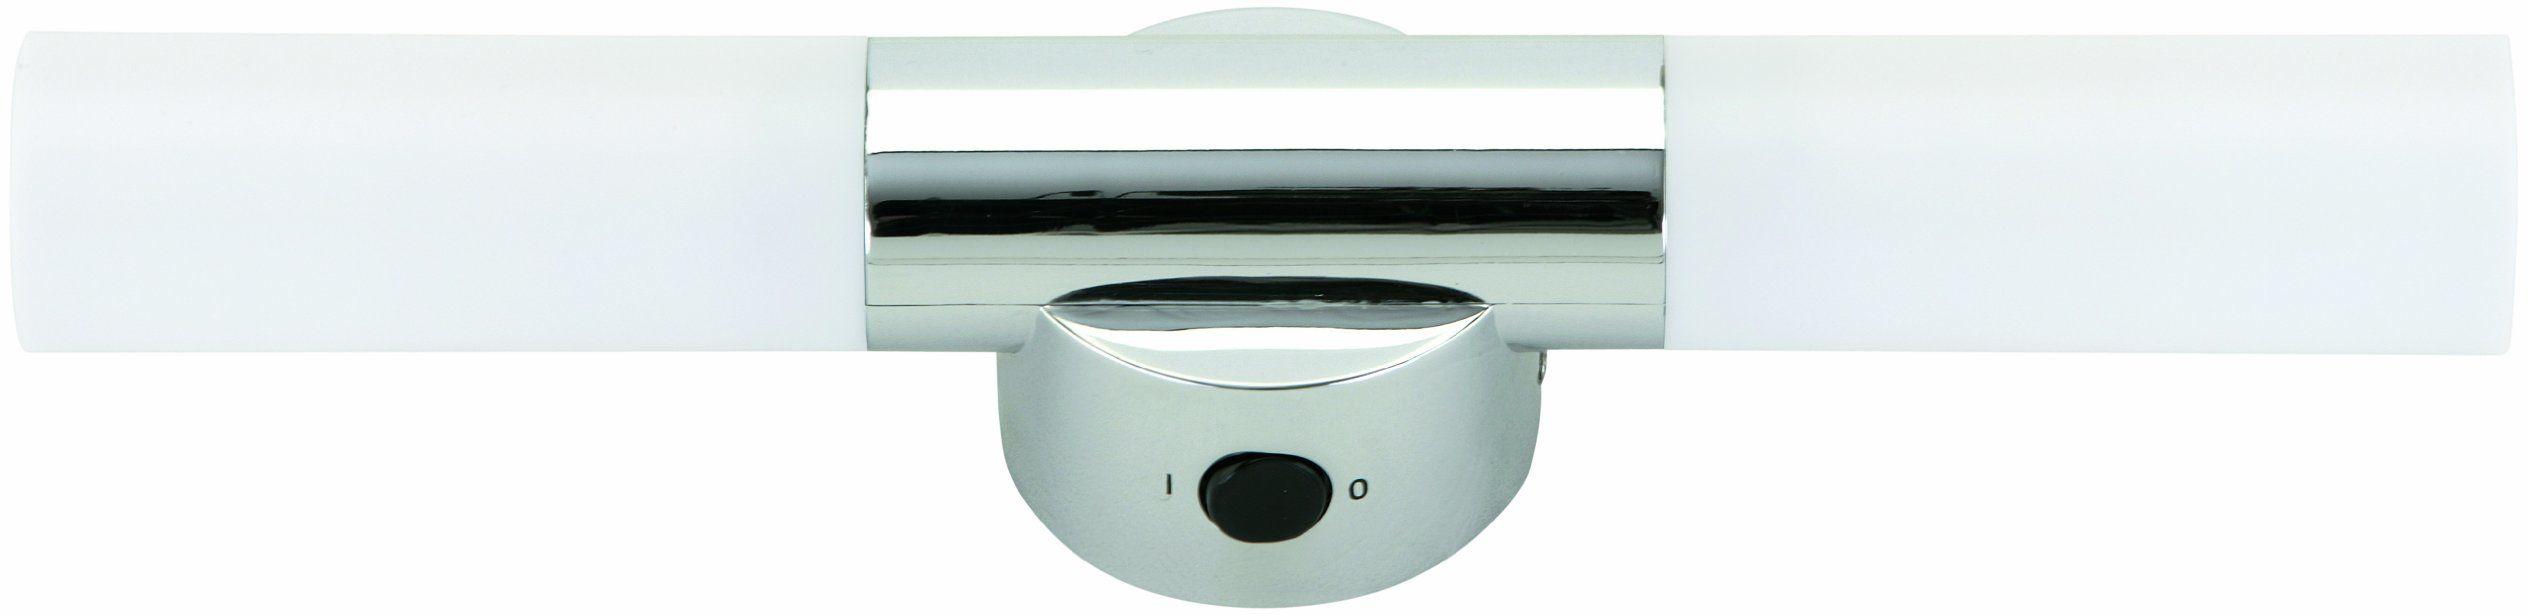 Łazienka lampa ścienna, lampa lustro, lampa łazienkowa, 2 x E14 maks. 9 W, tworzywo sztuczne o chromowanym wykończeniu